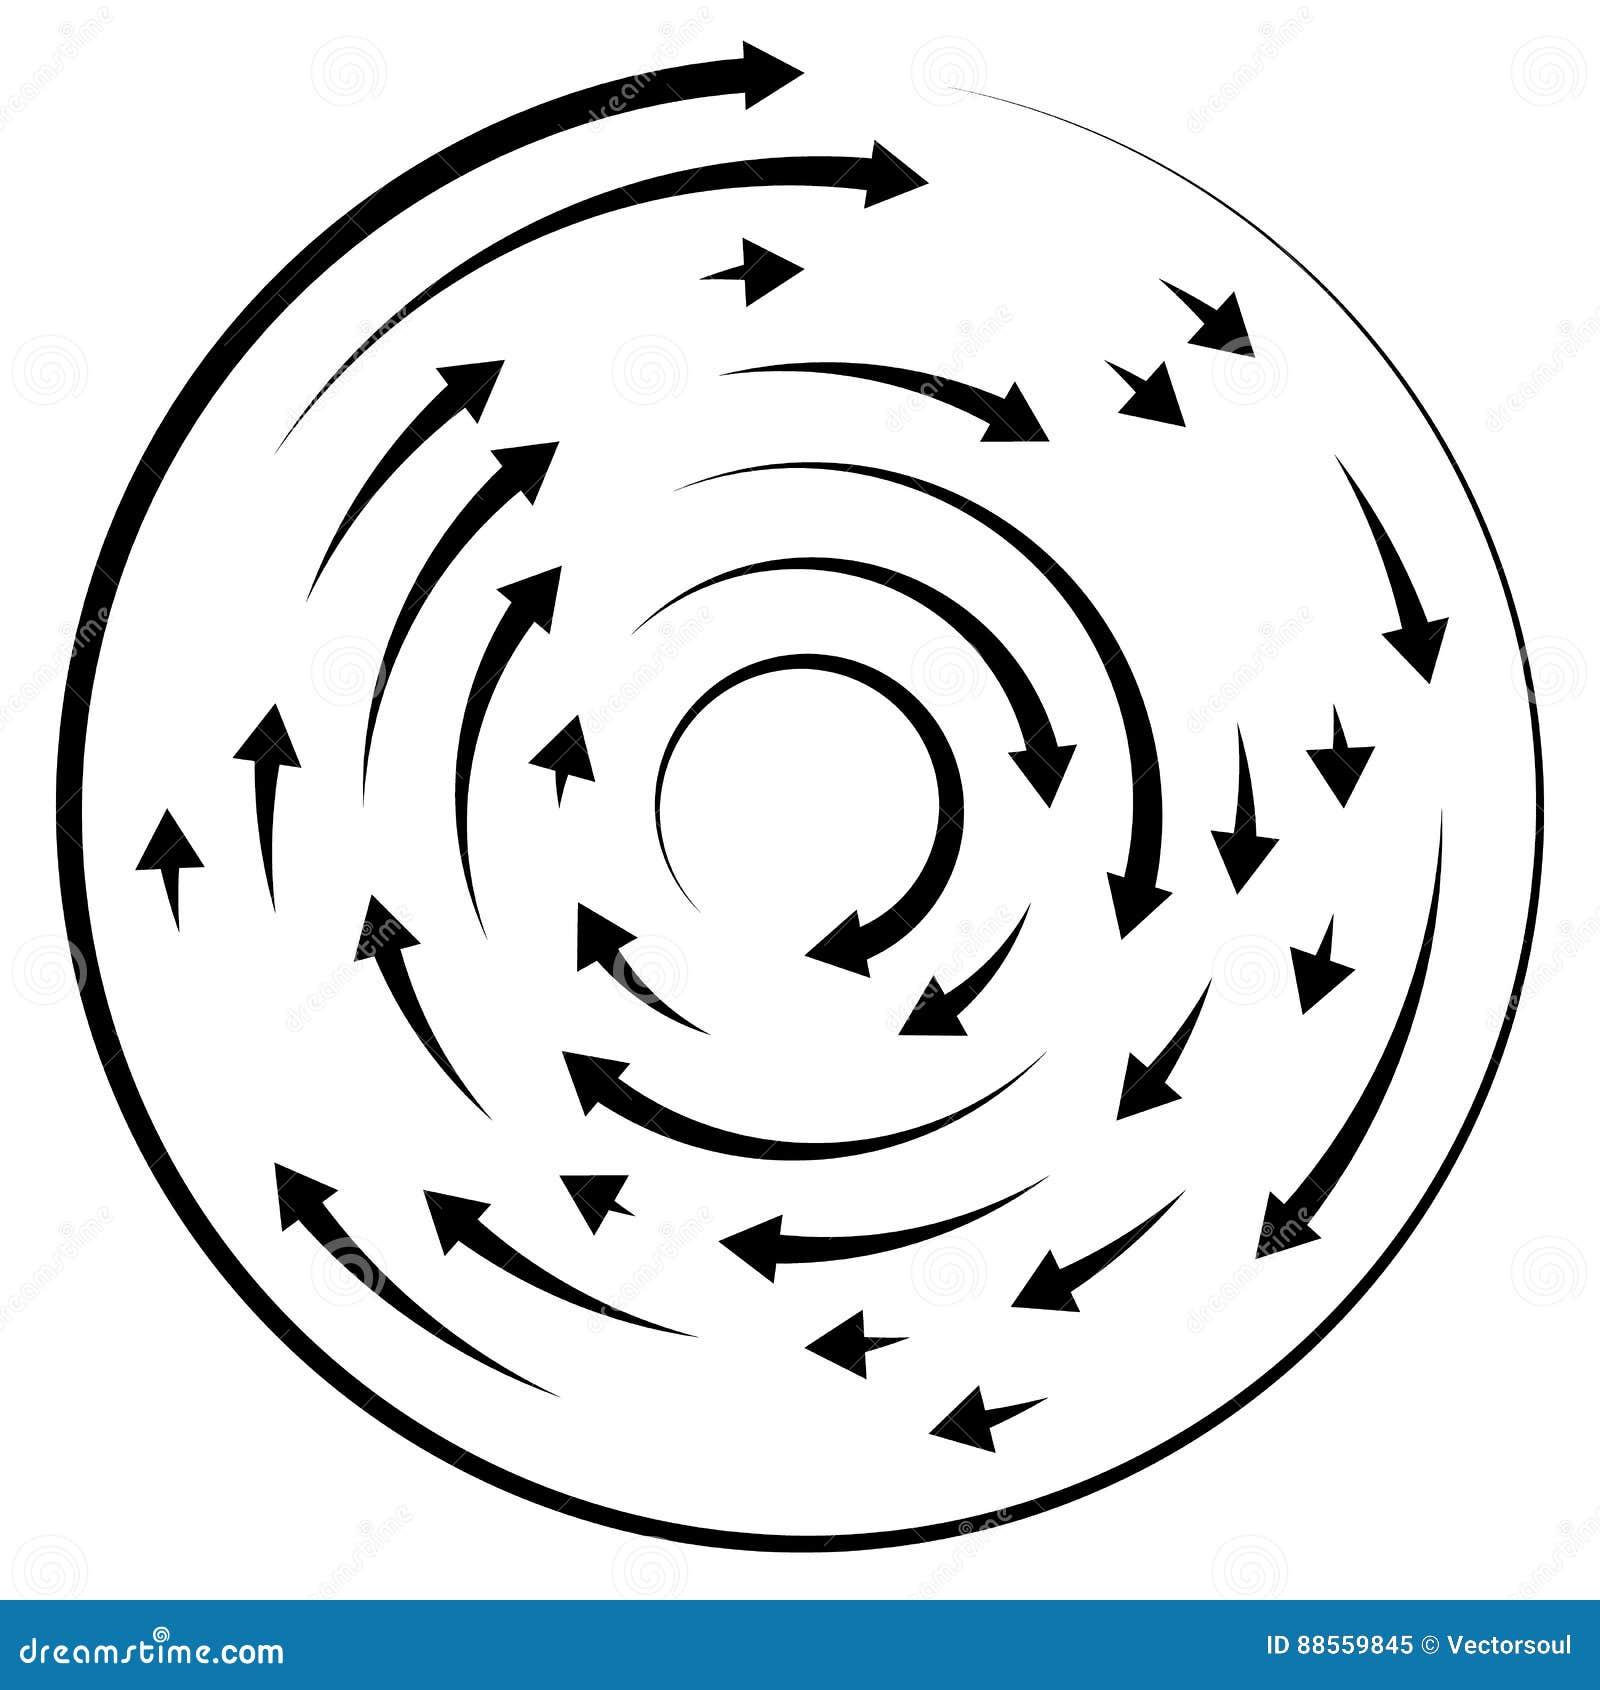 Circular Concentric Arrows  Cyclic, Cycle Arrows  Arrow